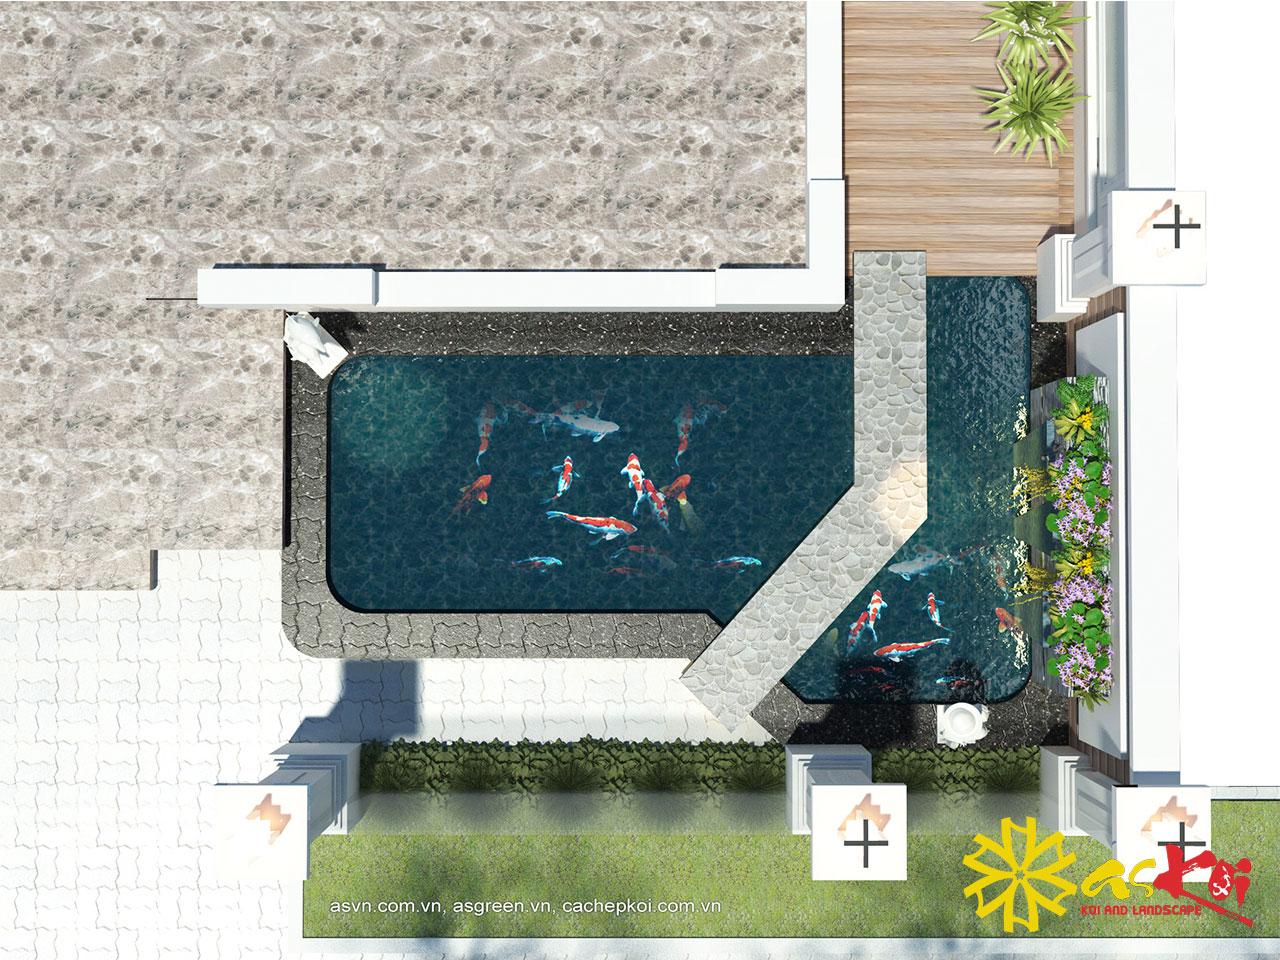 Bản Vẽ 3D Hồ Koi 15m3 Khu Đô Thị Việt Hưng Long Biên Hà Nội